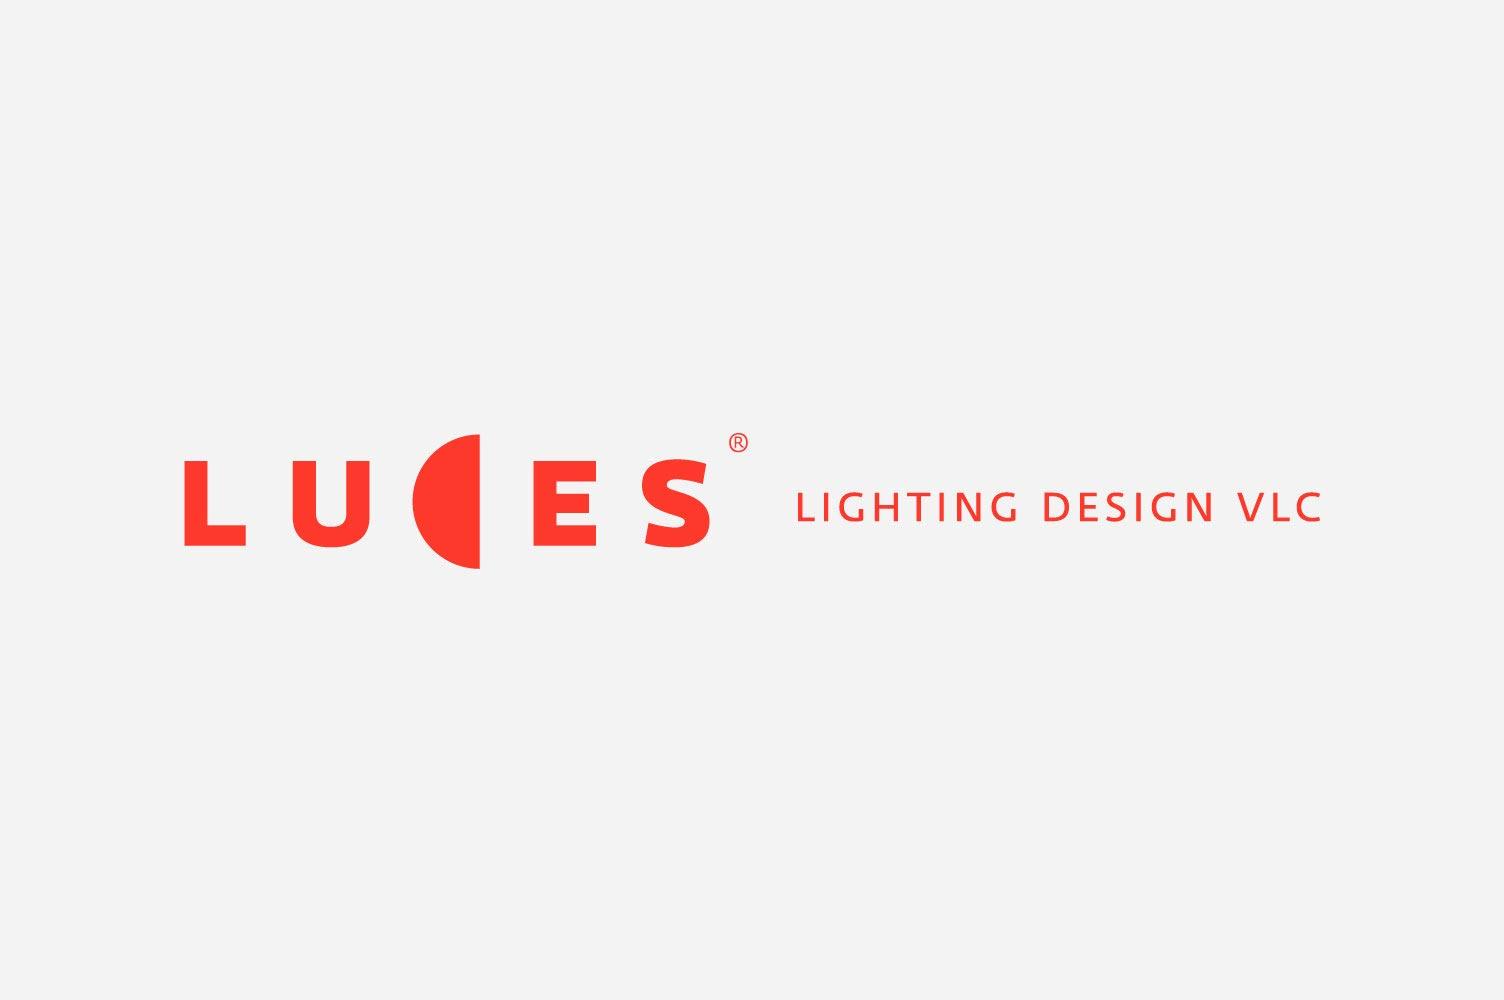 Diseño de logo Luces v2